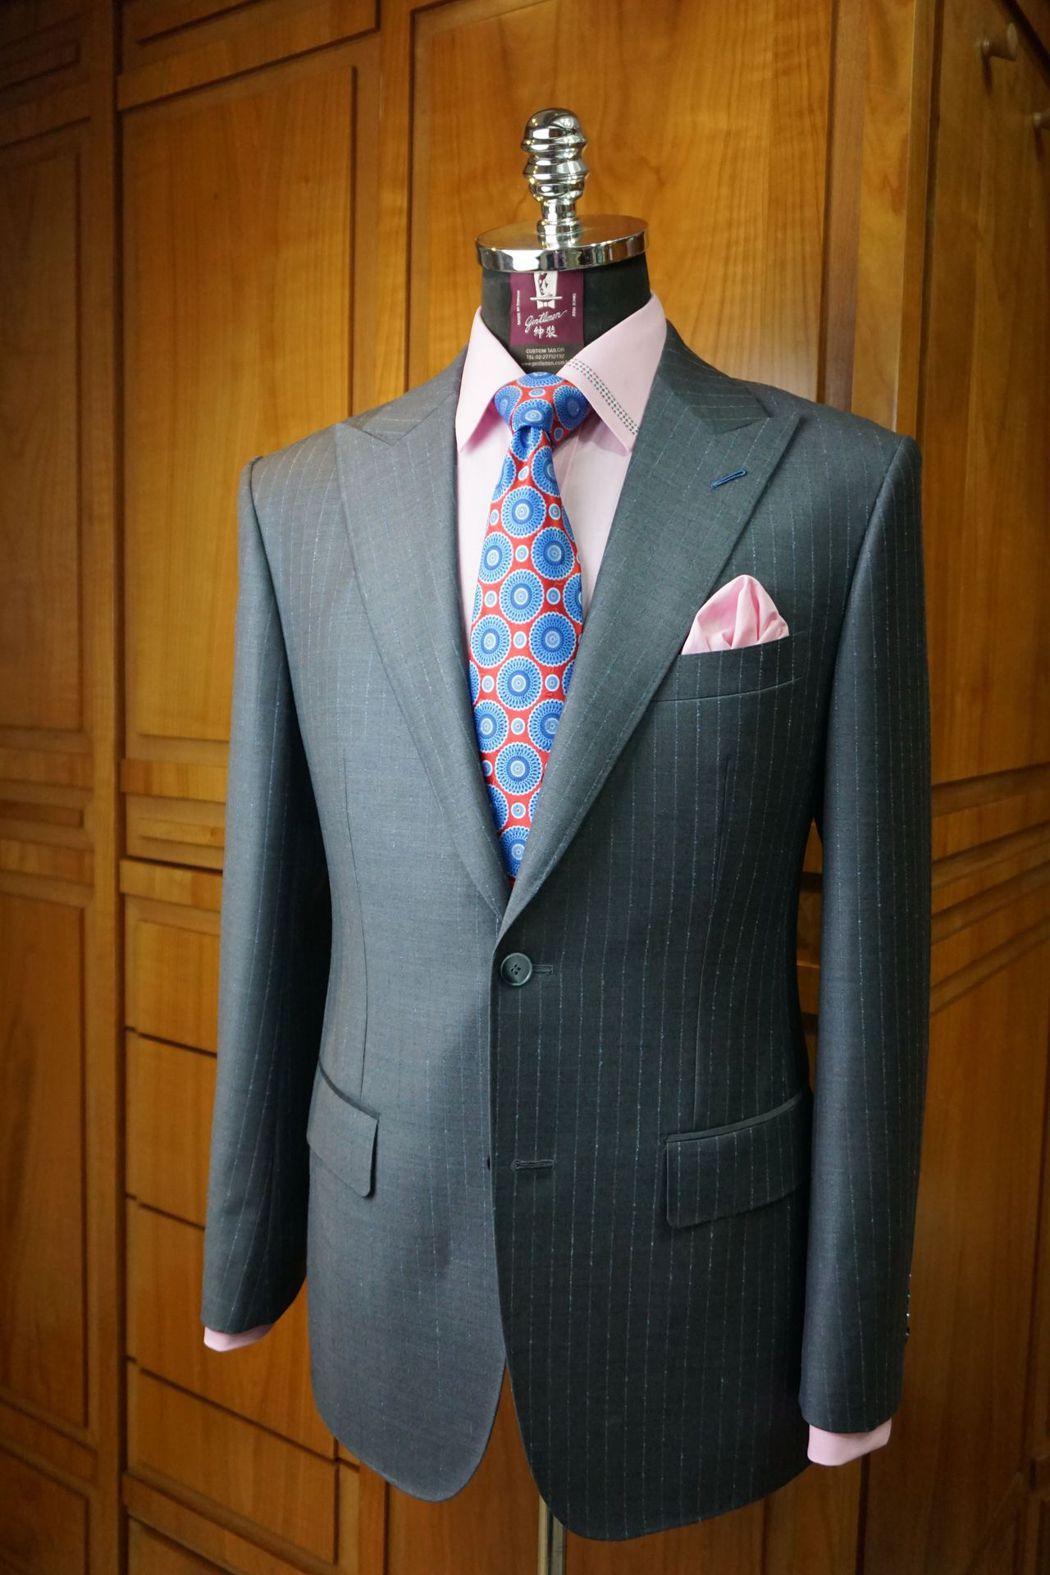 紳裝使用歐美名牌布料訂製西服頗受顧客肯定與喜愛  紳裝/提供